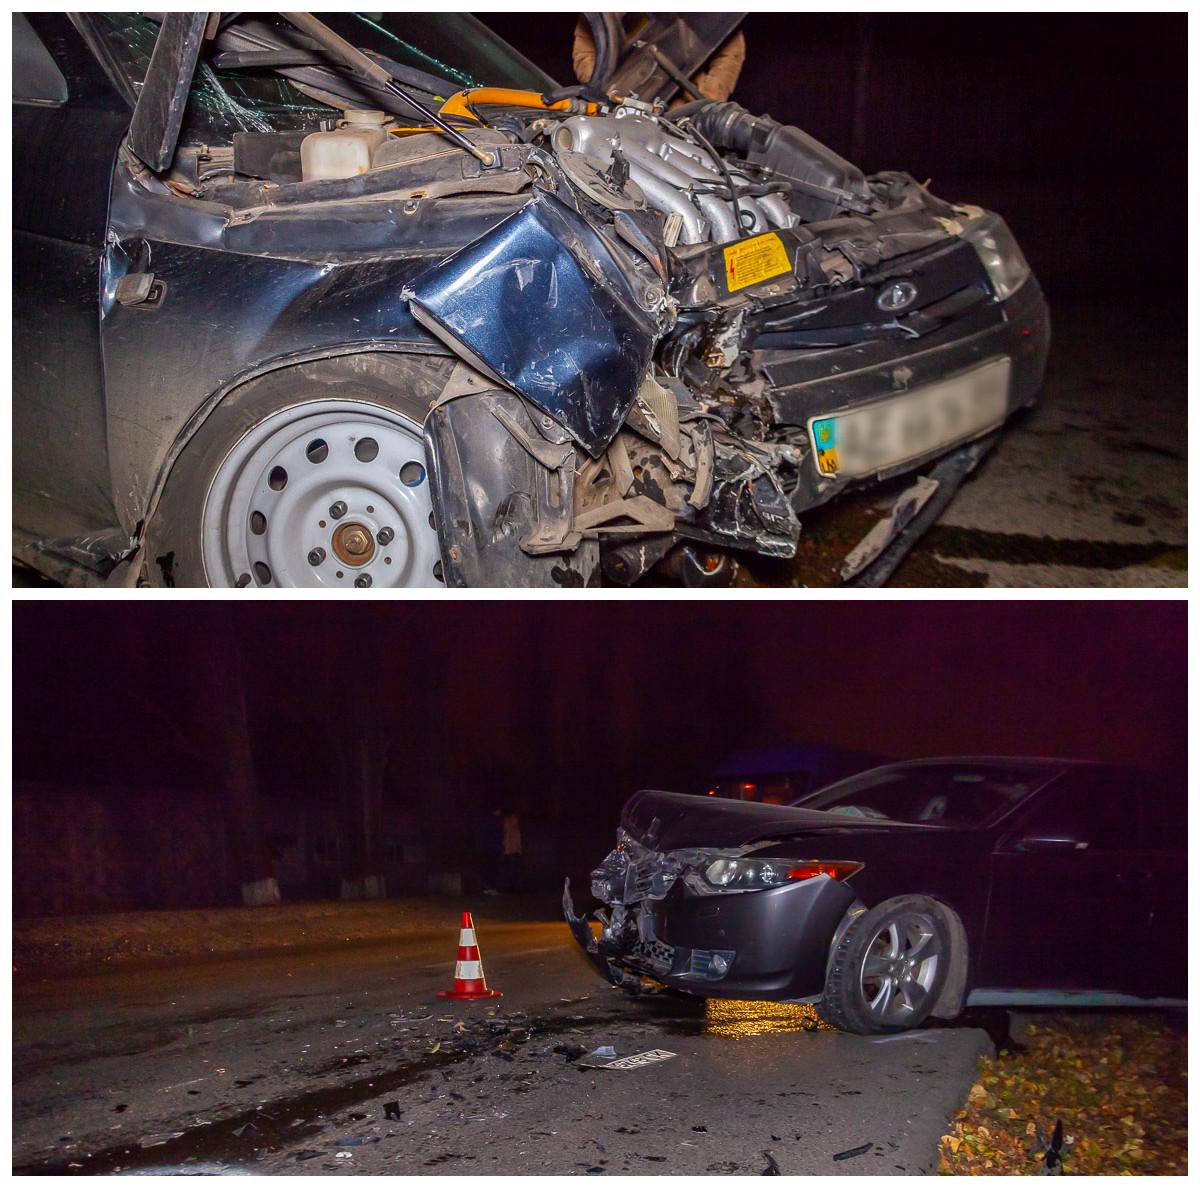 В результате столкновения пострадал водитель ВАЗ.